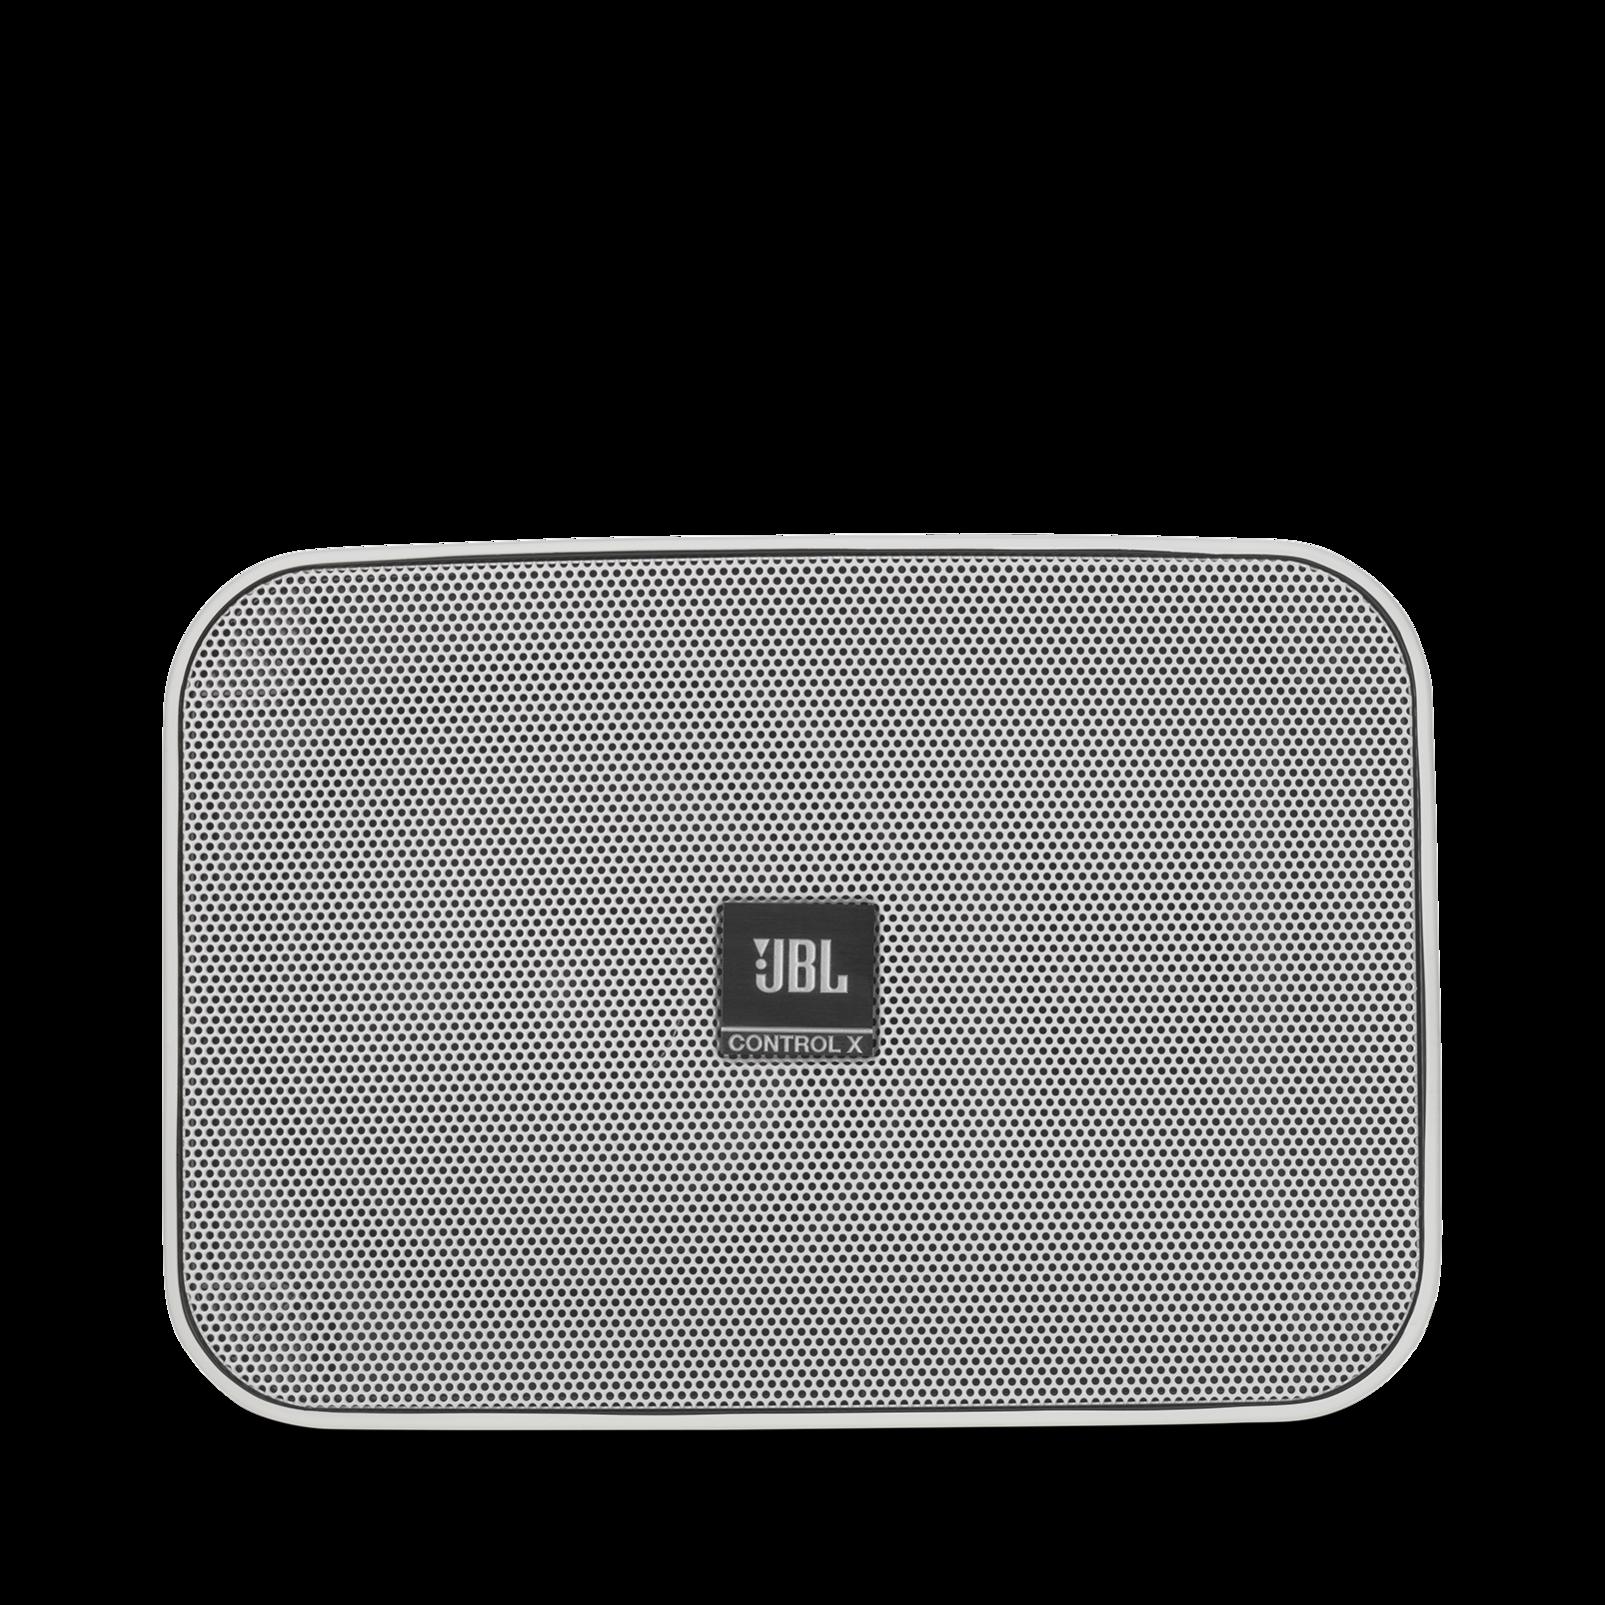 """JBL Control X - White - 5.25"""" (133mm) Indoor / Outdoor Speakers - Detailshot 2"""